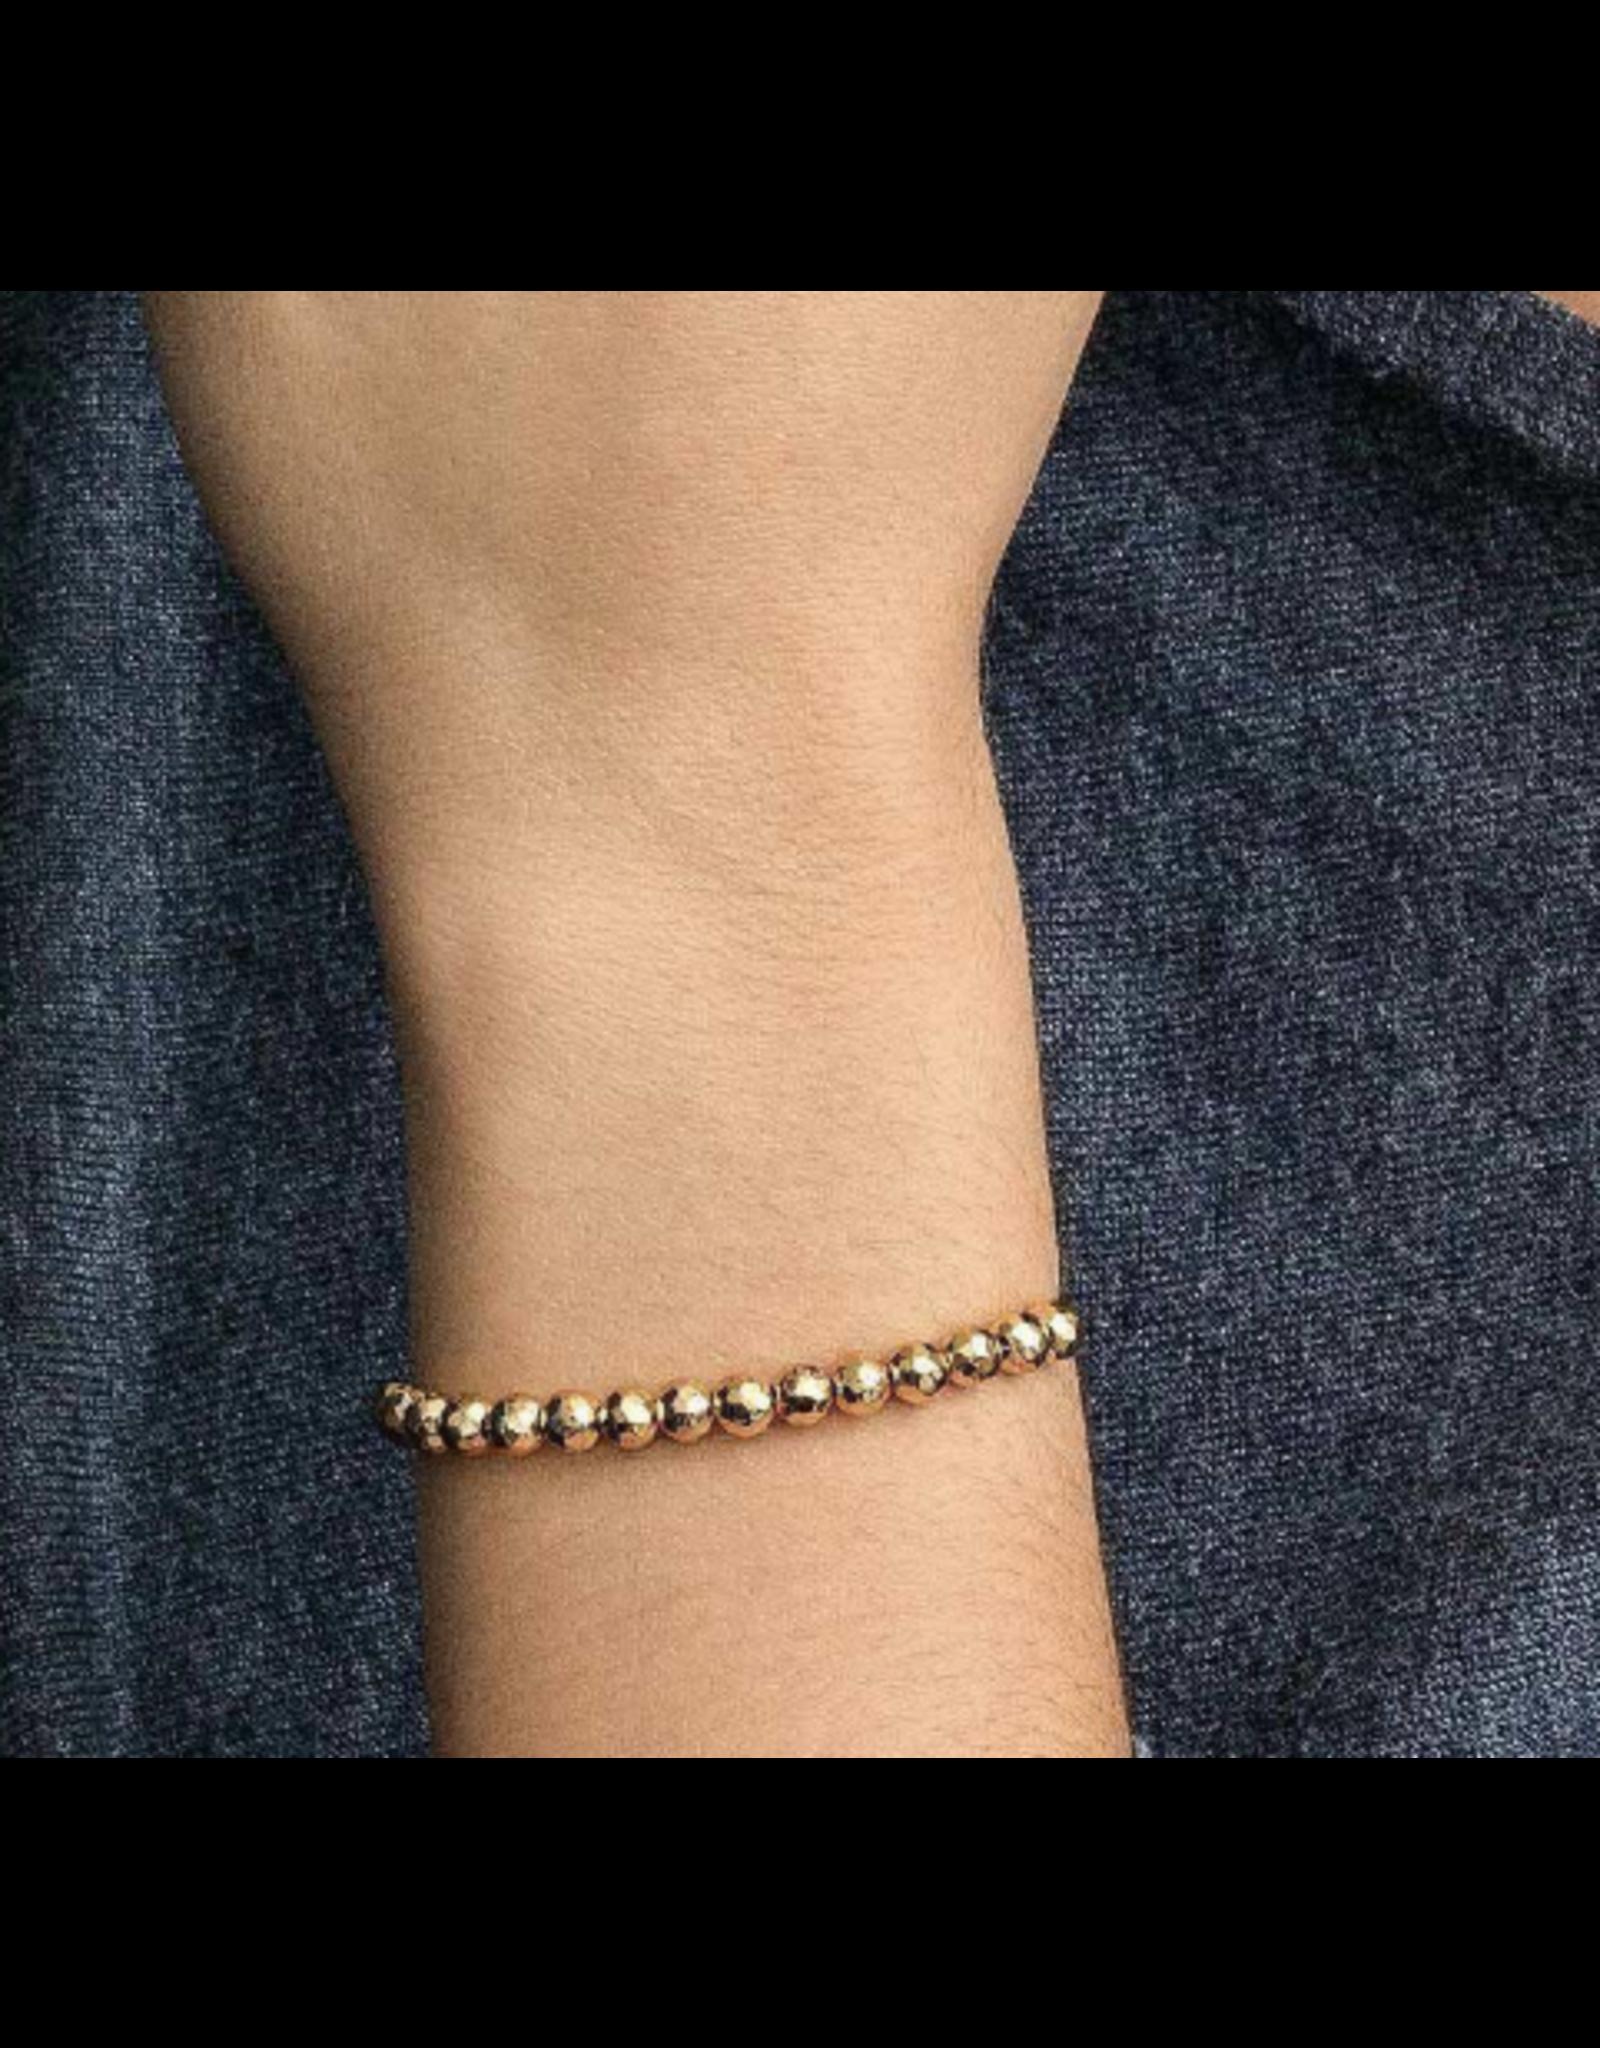 Gorjana Laguna large bracelet